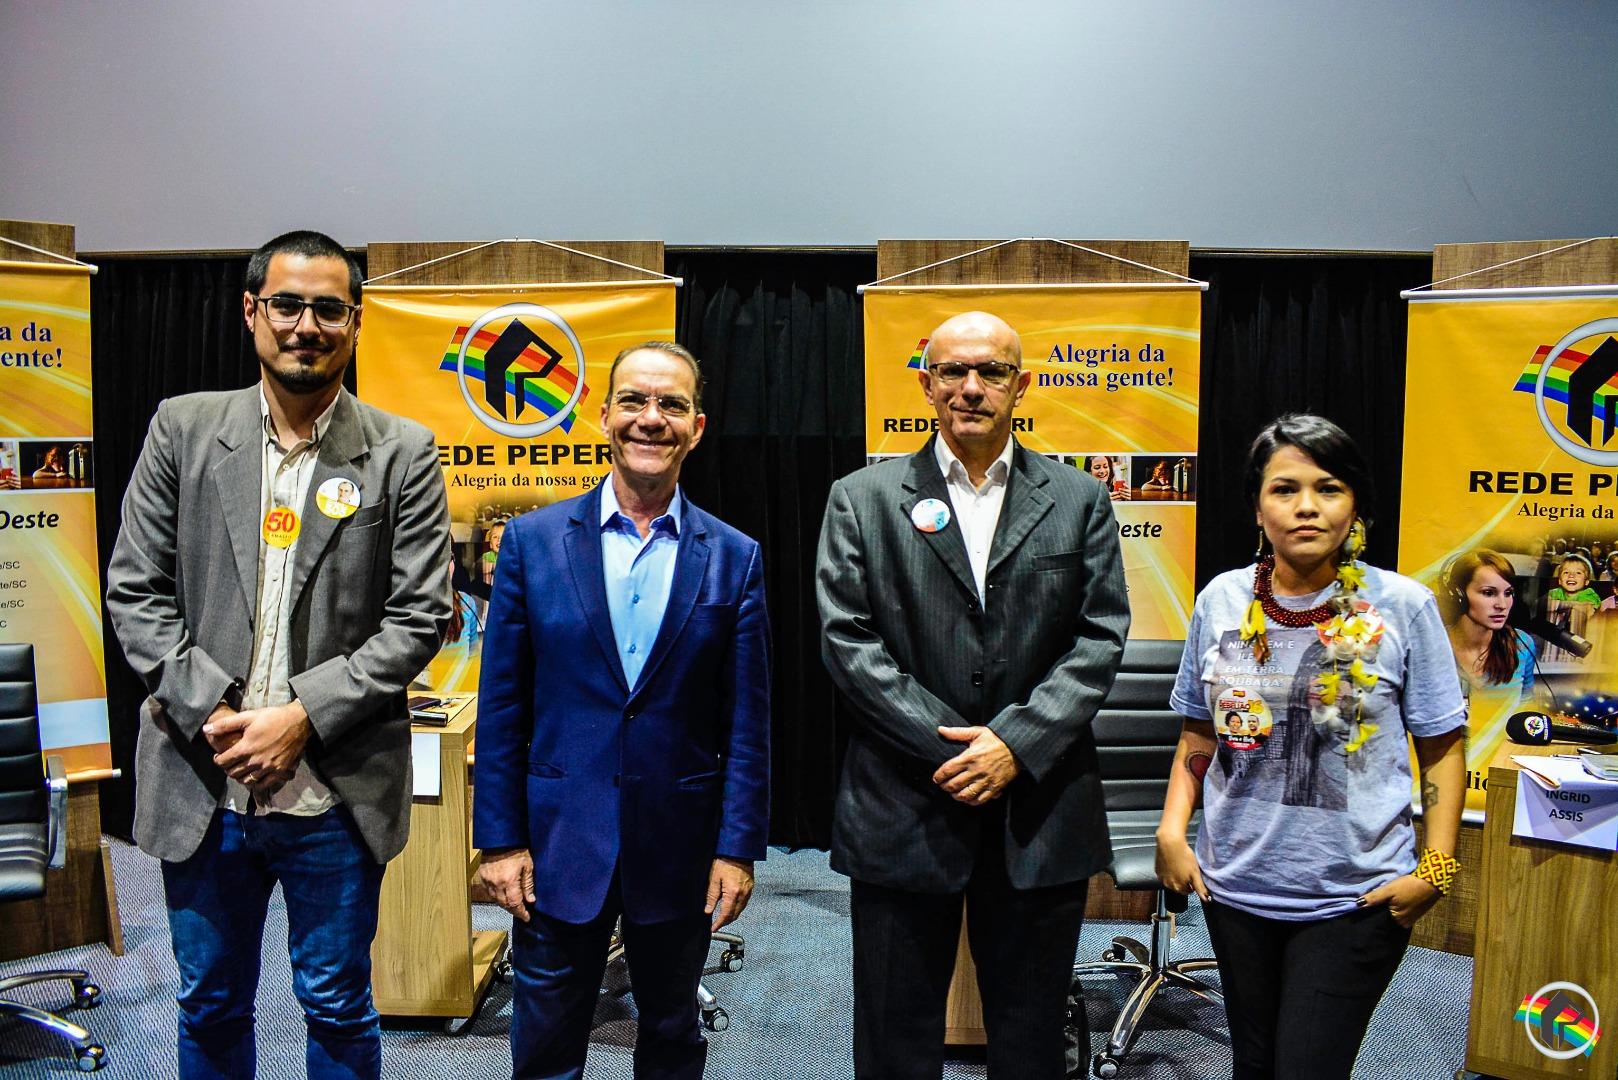 AO VIVO: Quatro candidatos ao governo de SC apresentam propostas na Peperi